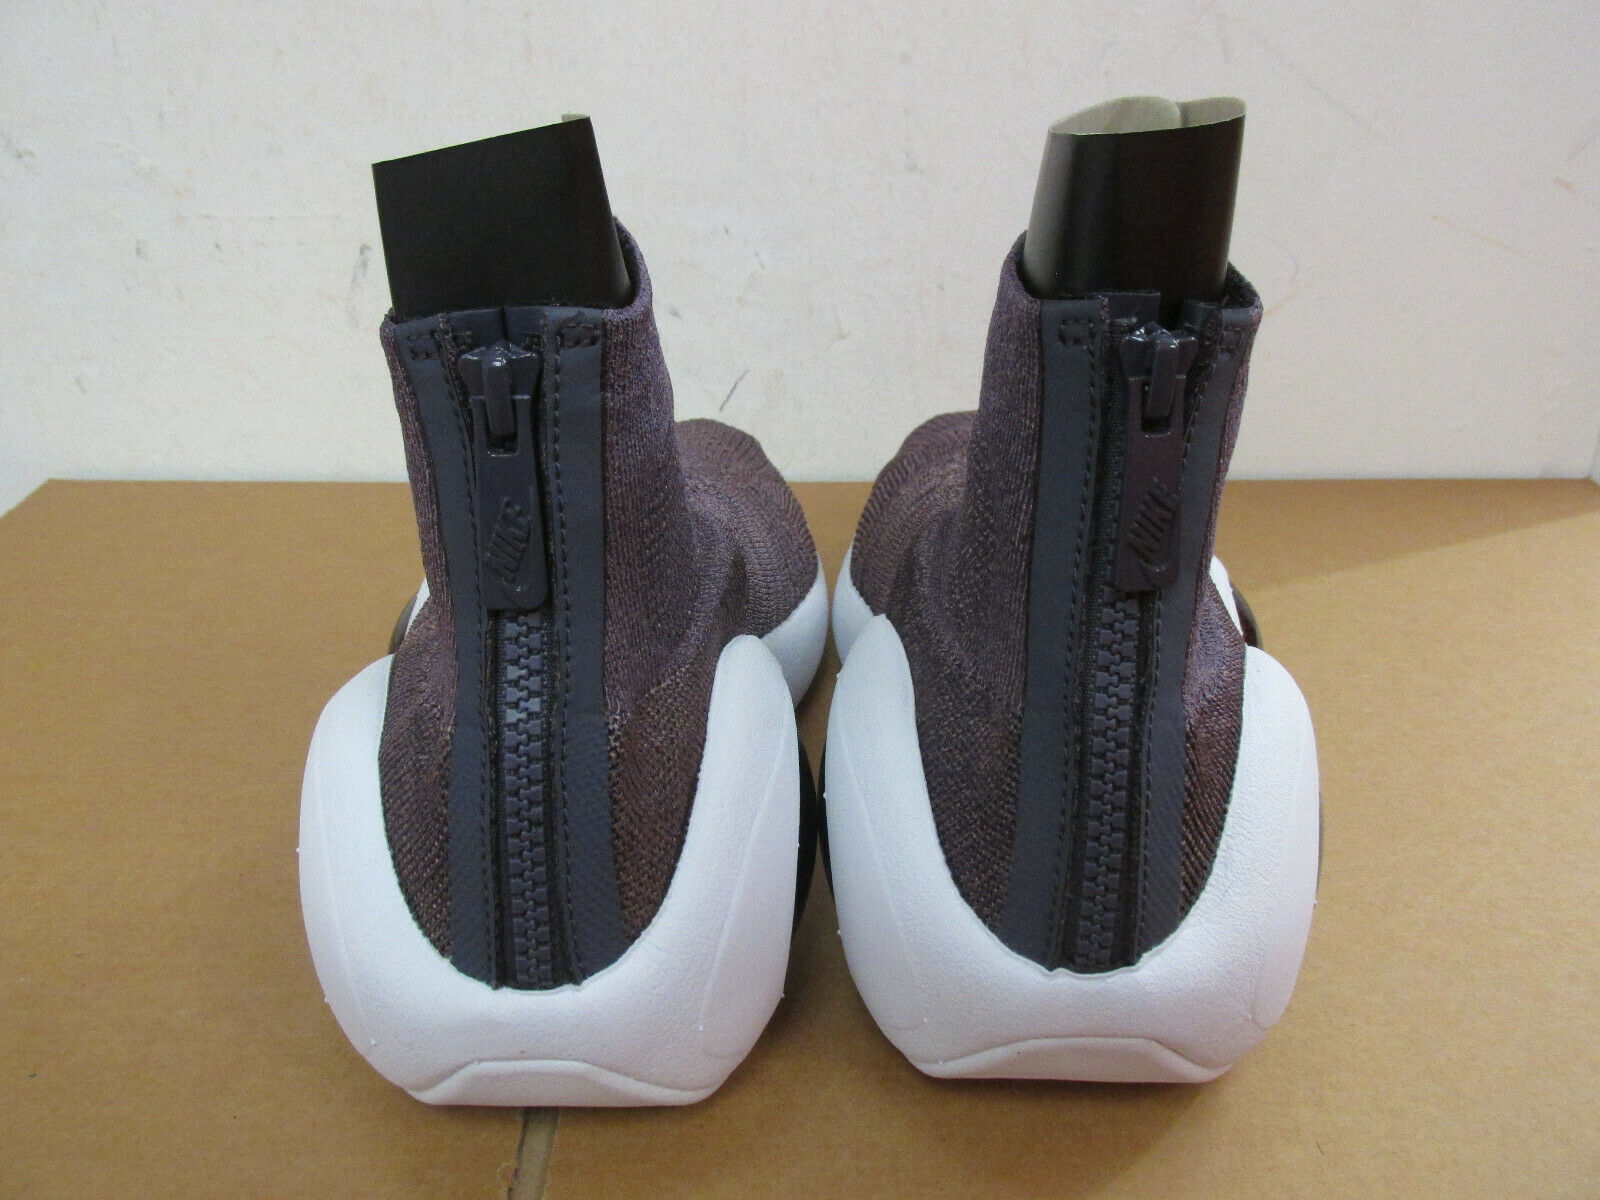 Nike Flight Bonafide Herren Herren Herren Hoher Turnschuhe 917742 200 Turnschuhe Räumung  947da7